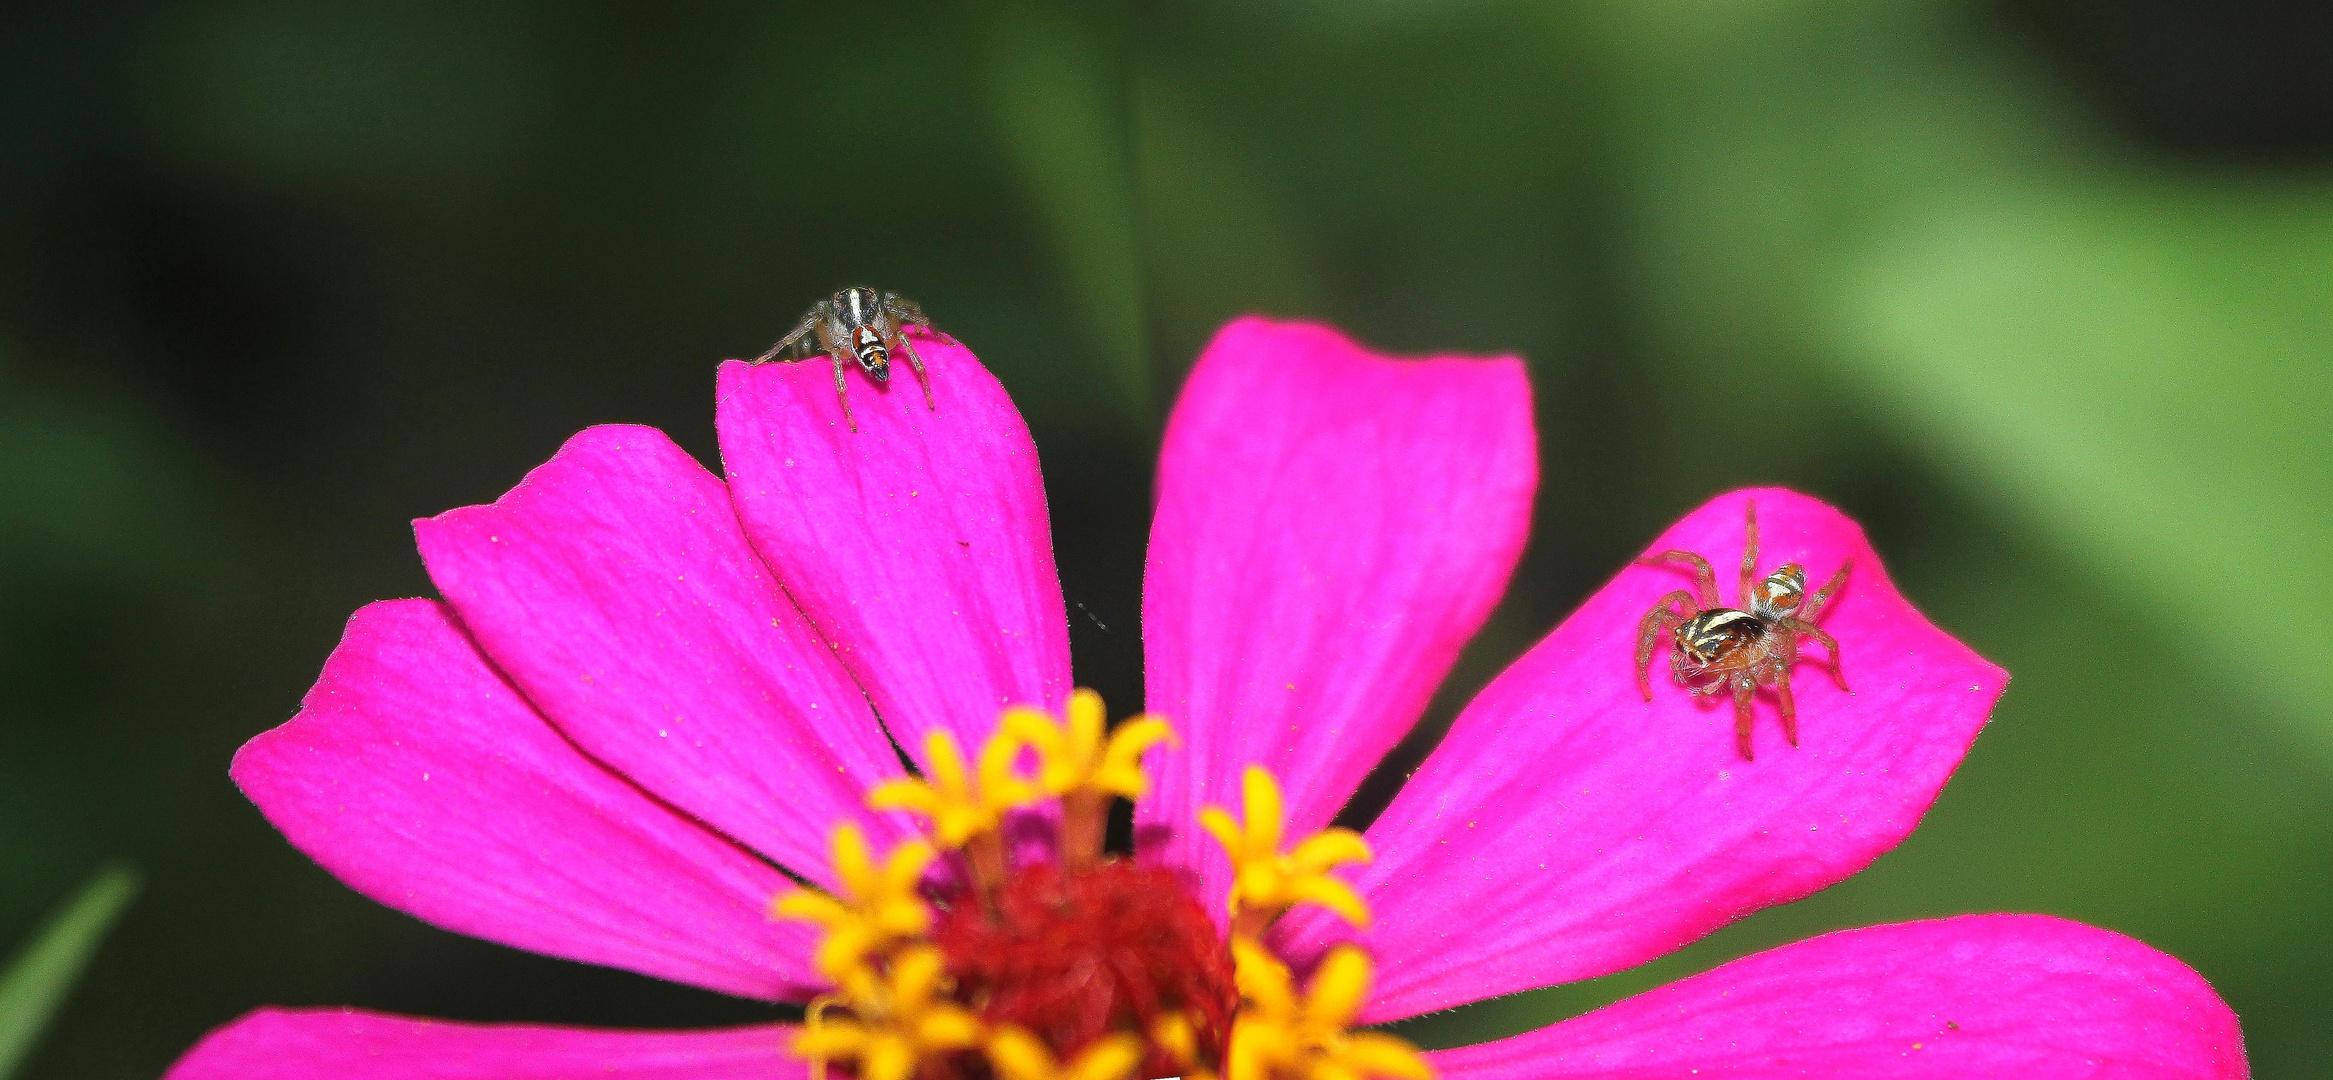 rosada y arañitas